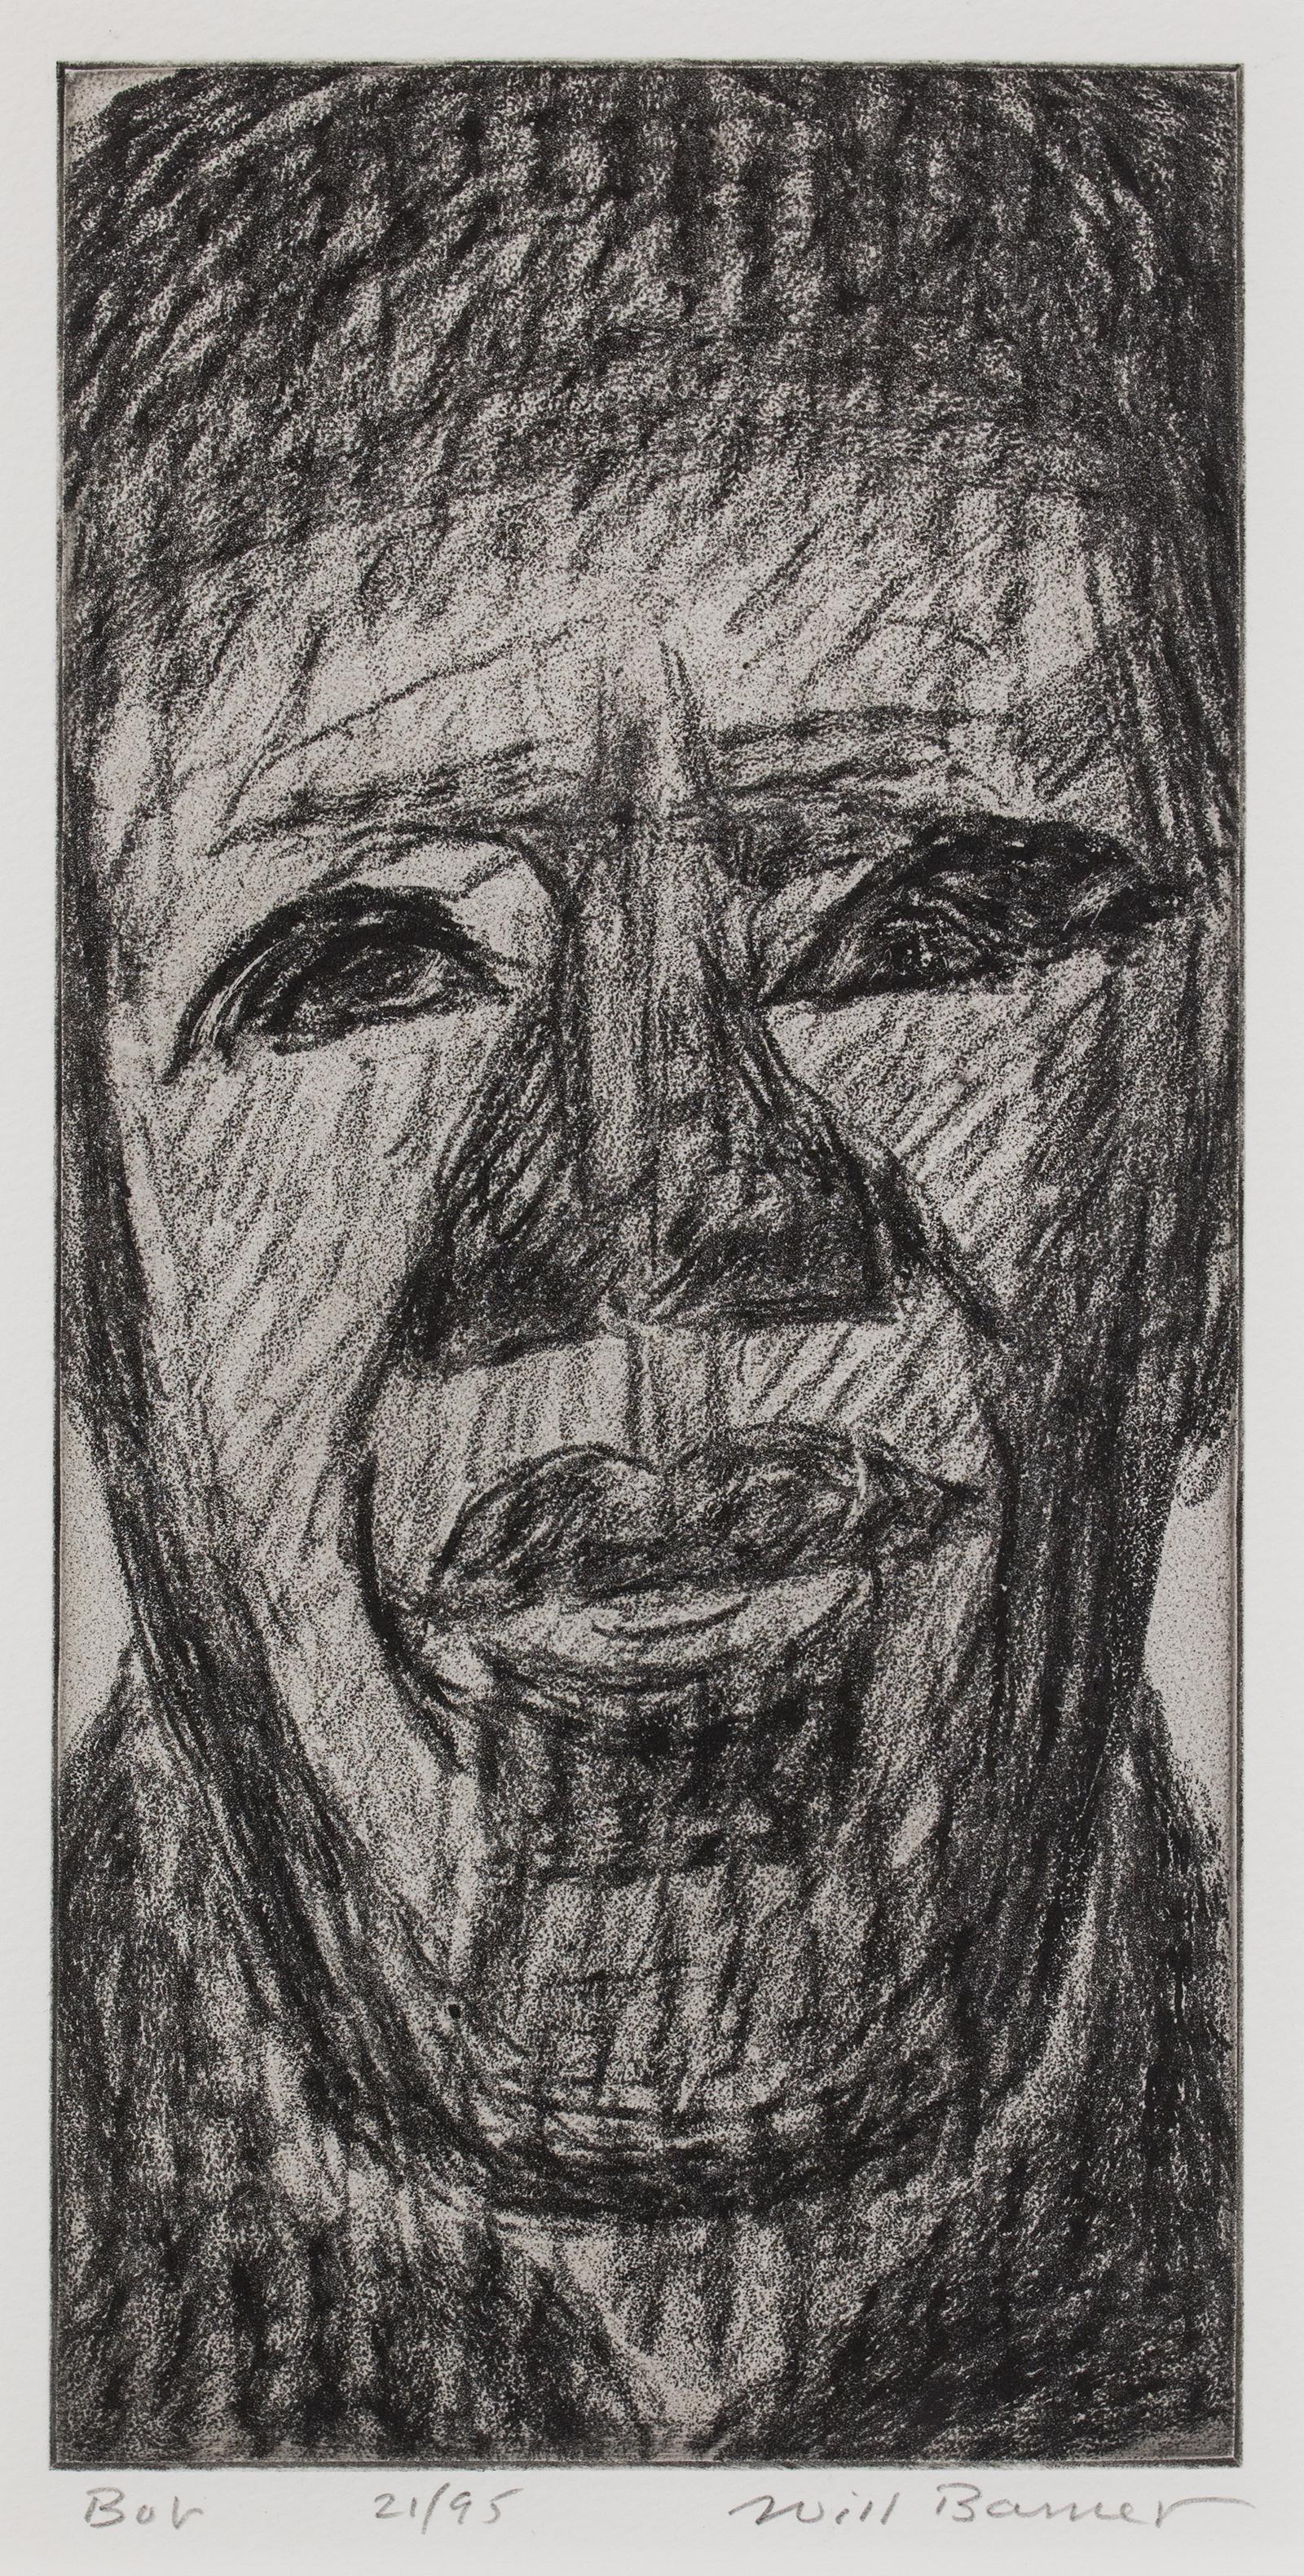 Will Barnet, Bob, 2005